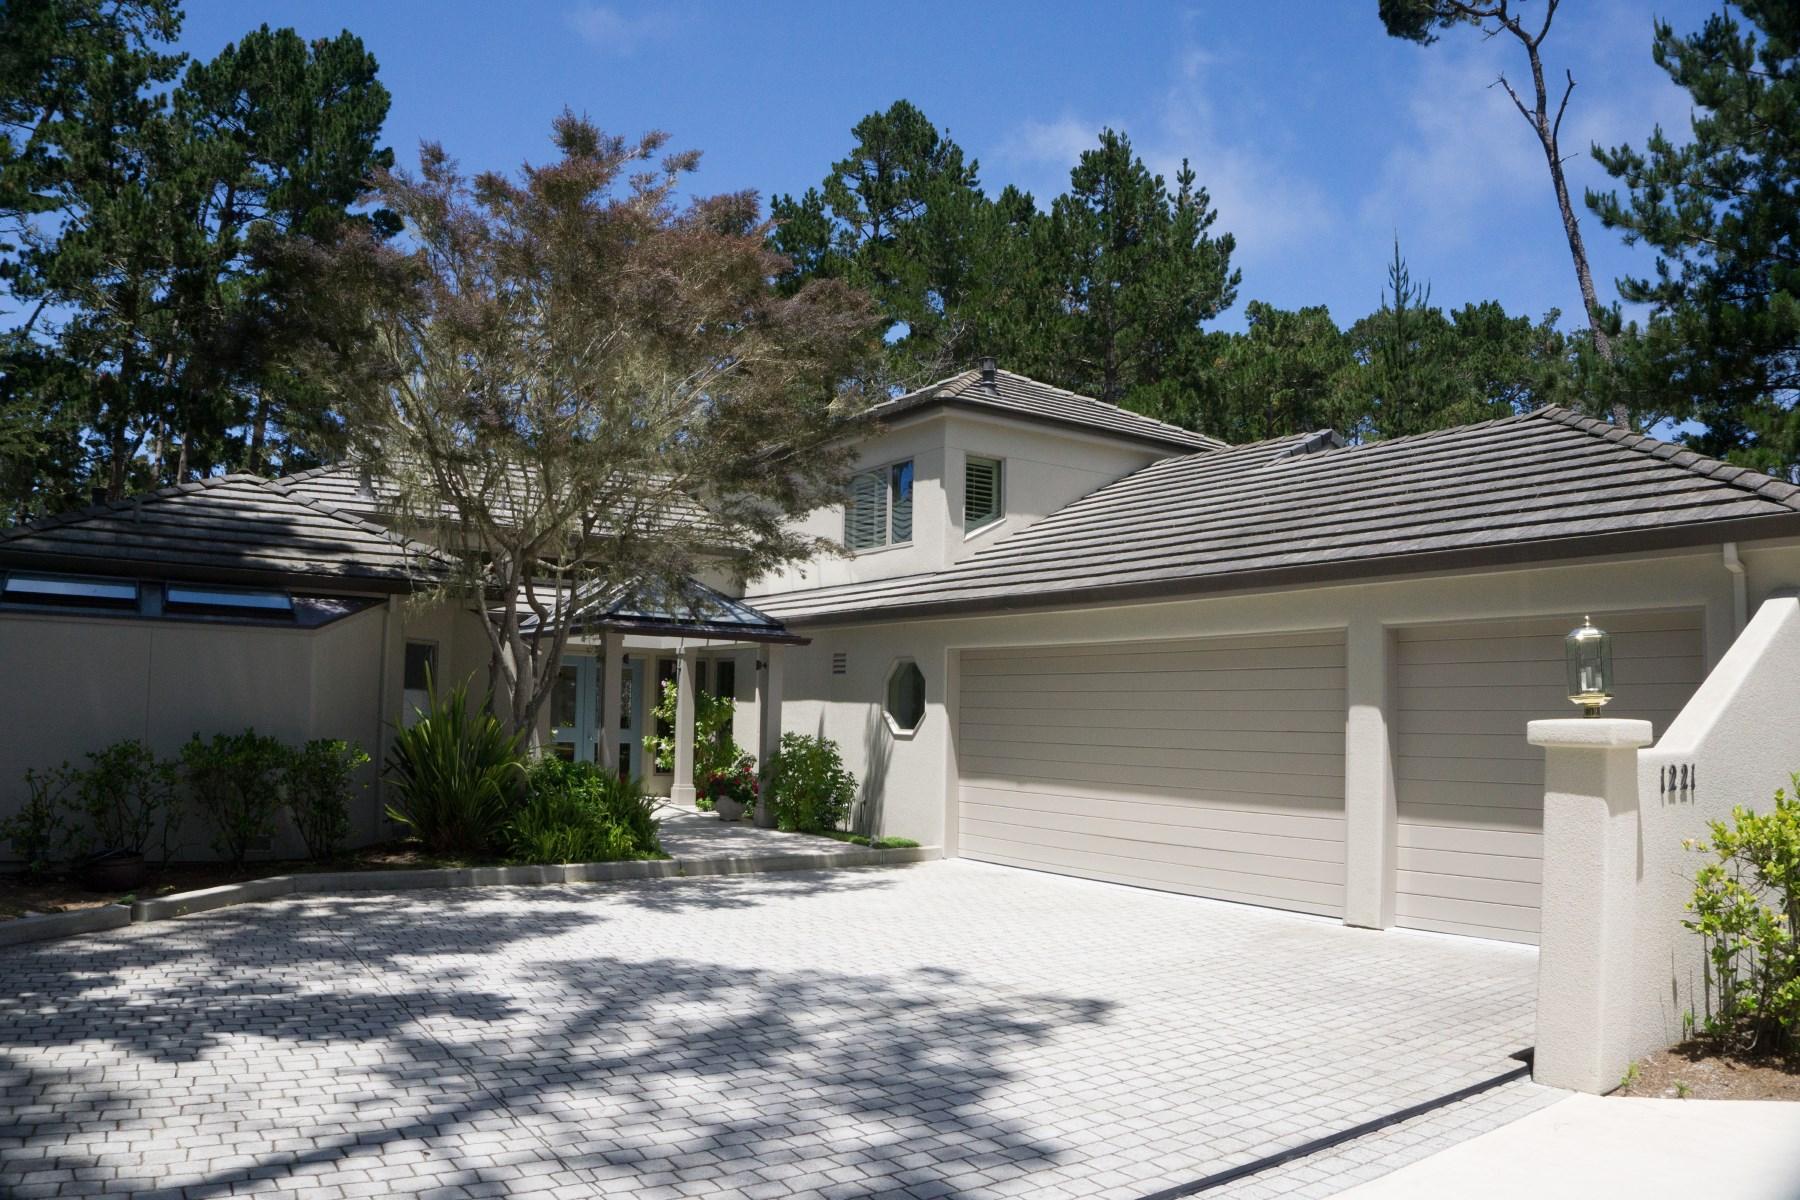 Tek Ailelik Ev için Satış at 1221 Bristol Lane Pebble Beach Pebble Beach, Kaliforniya, 93953 Amerika Birleşik Devletleri